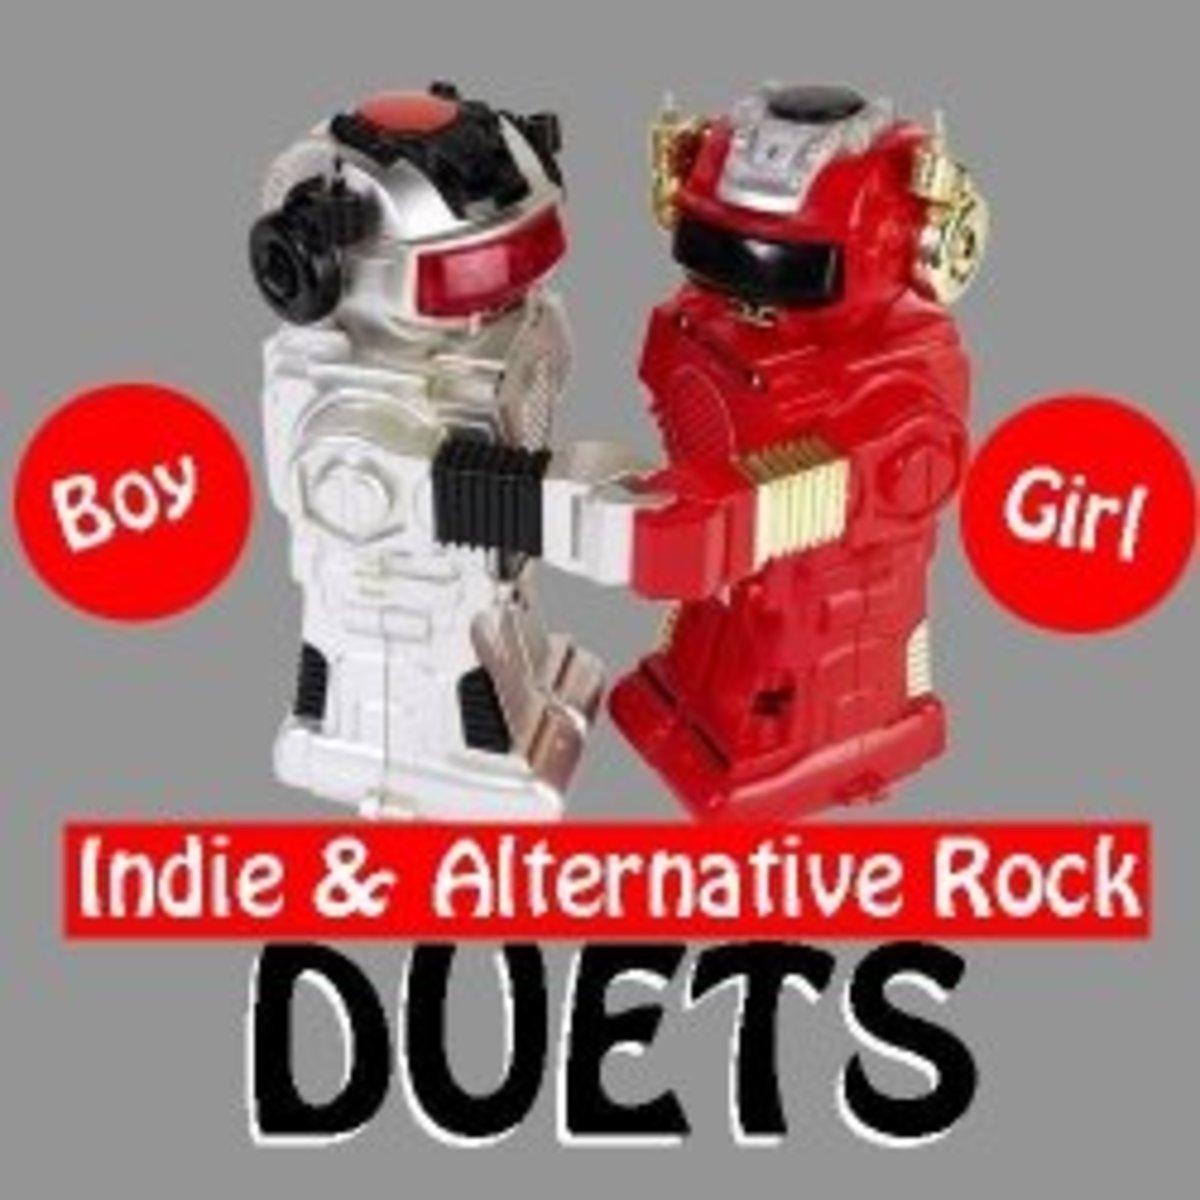 indie-rock-duets